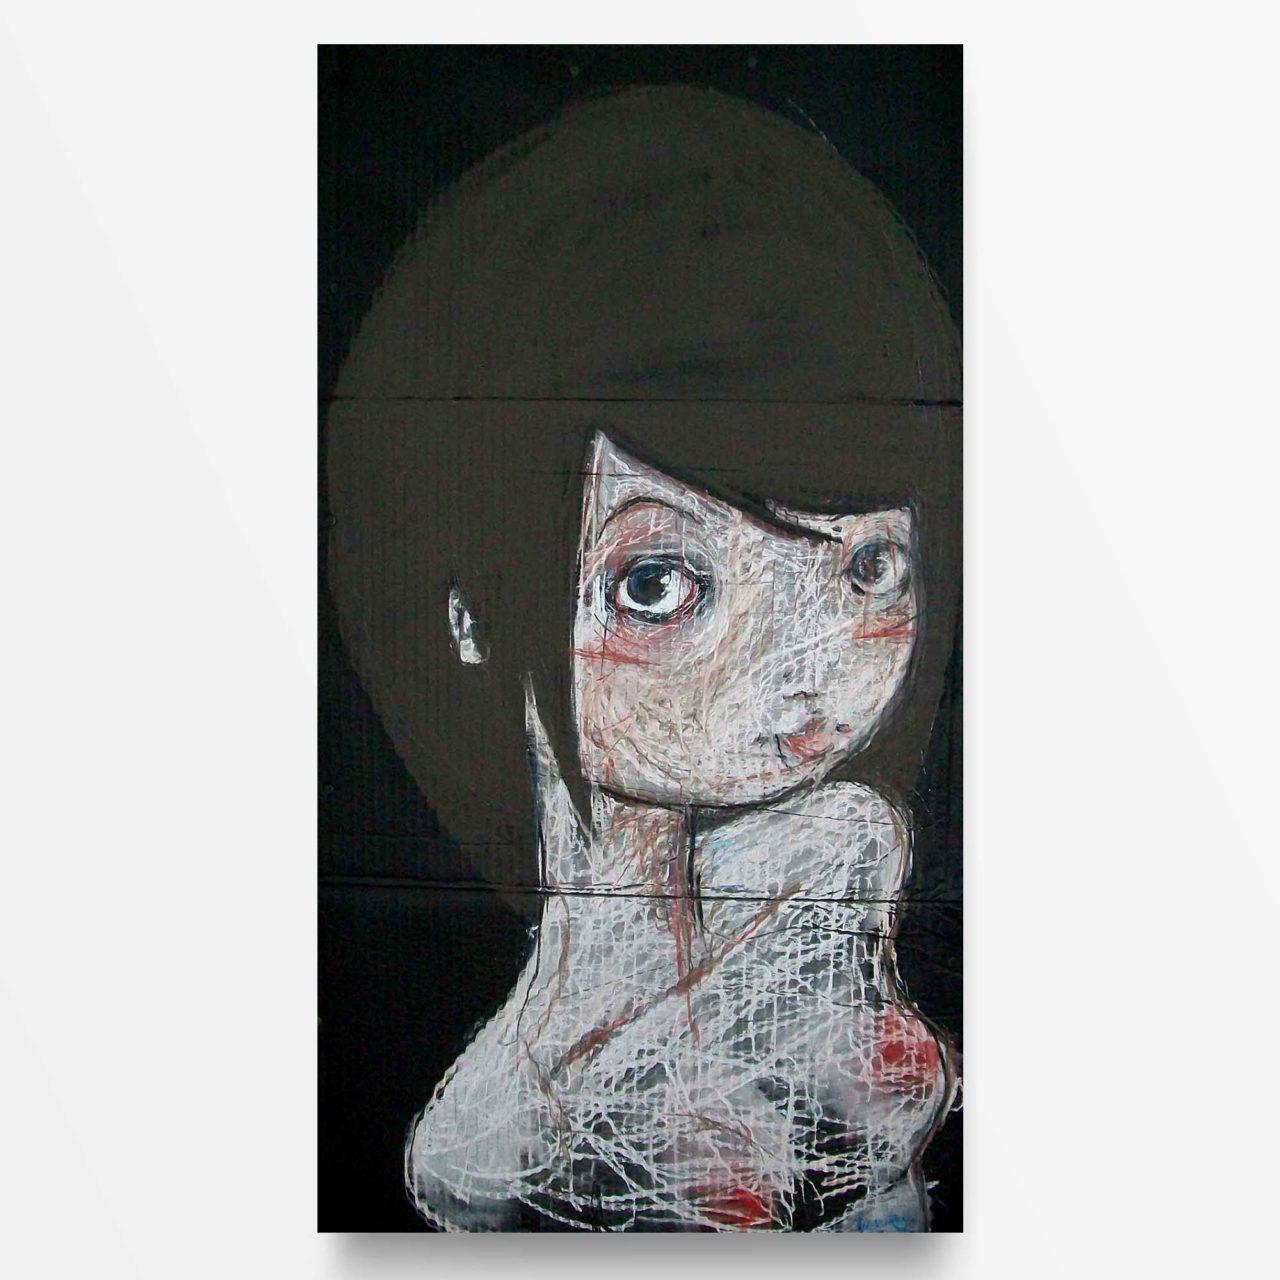 2012 Fondi Neri Mentre guardi, quadro ad acrilico di Diego Gabriele